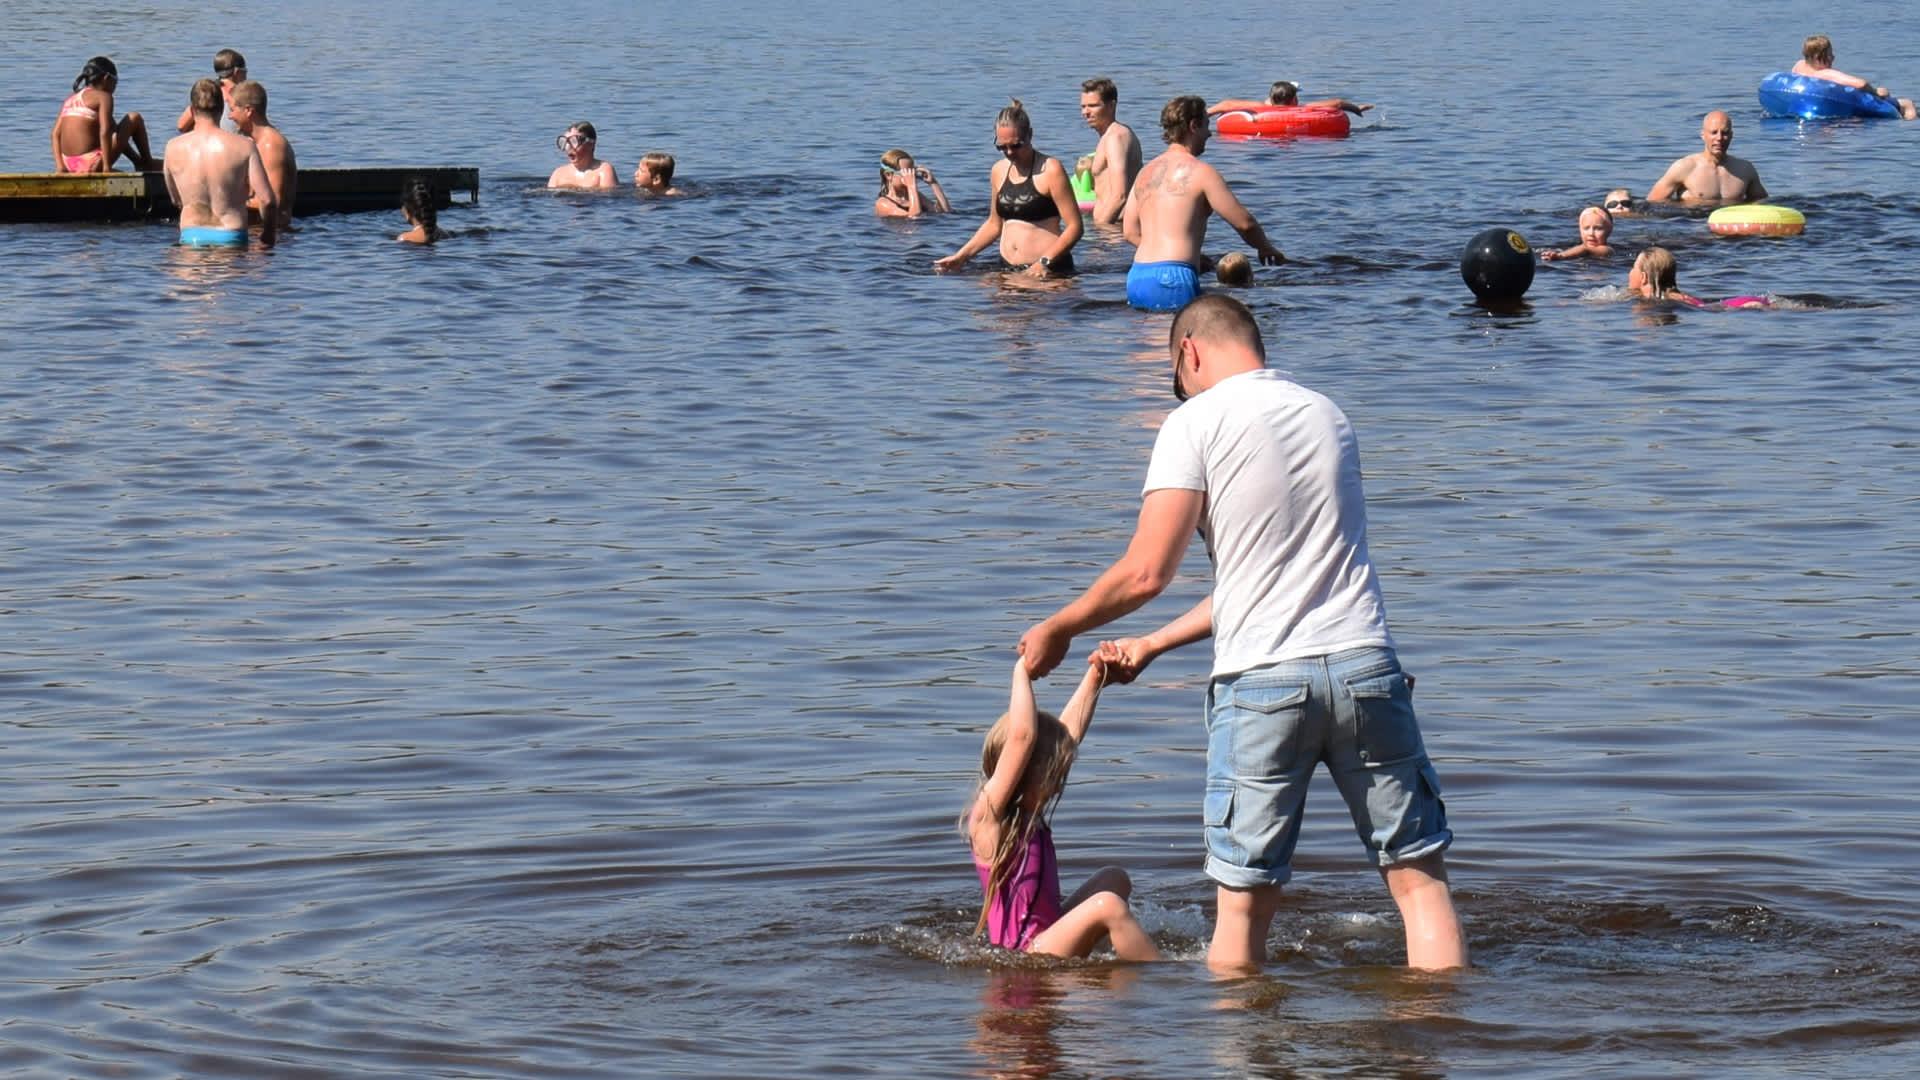 Ihmisiä järvessä.